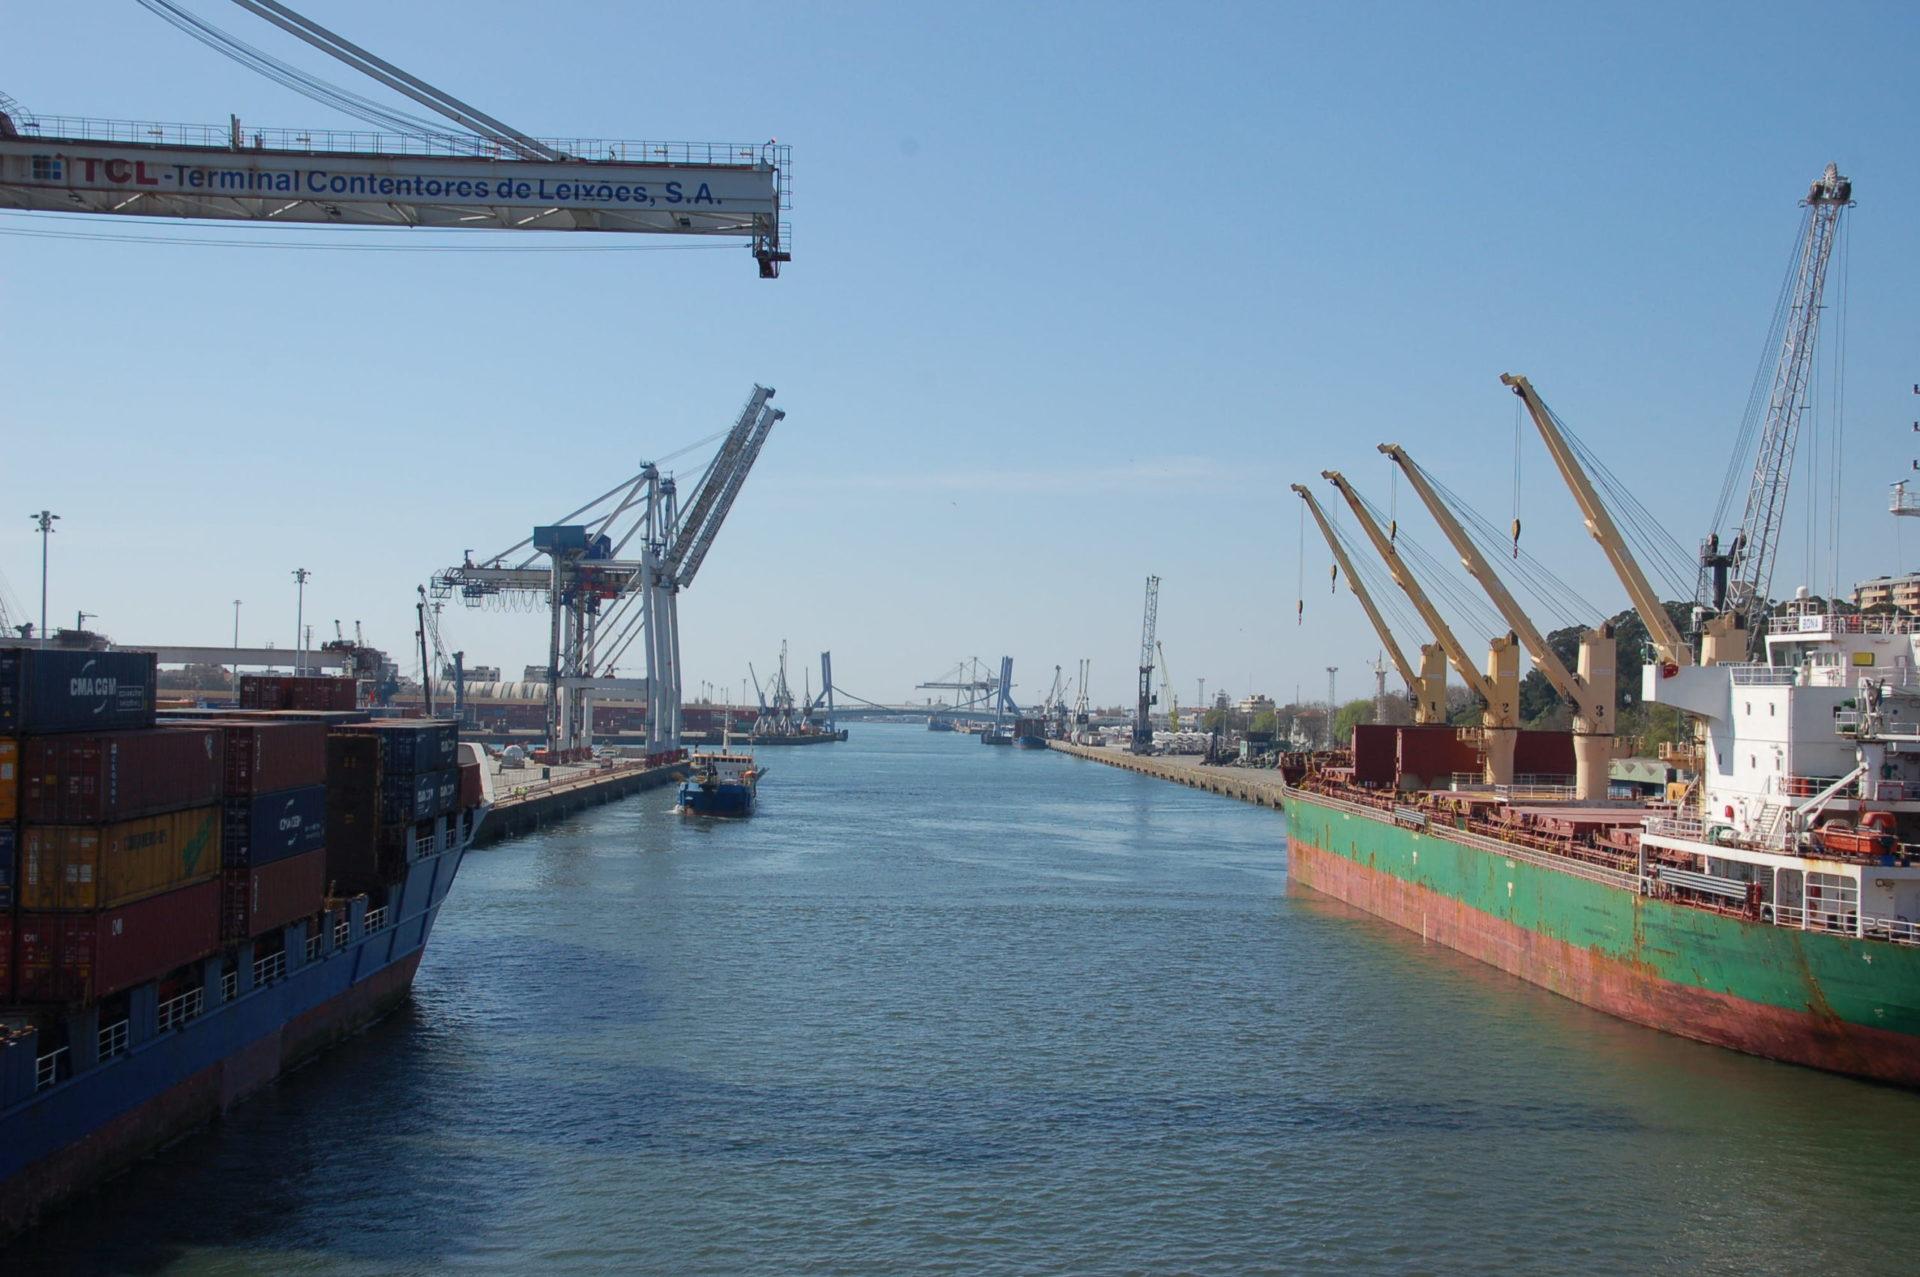 contentores marítimos em puerto